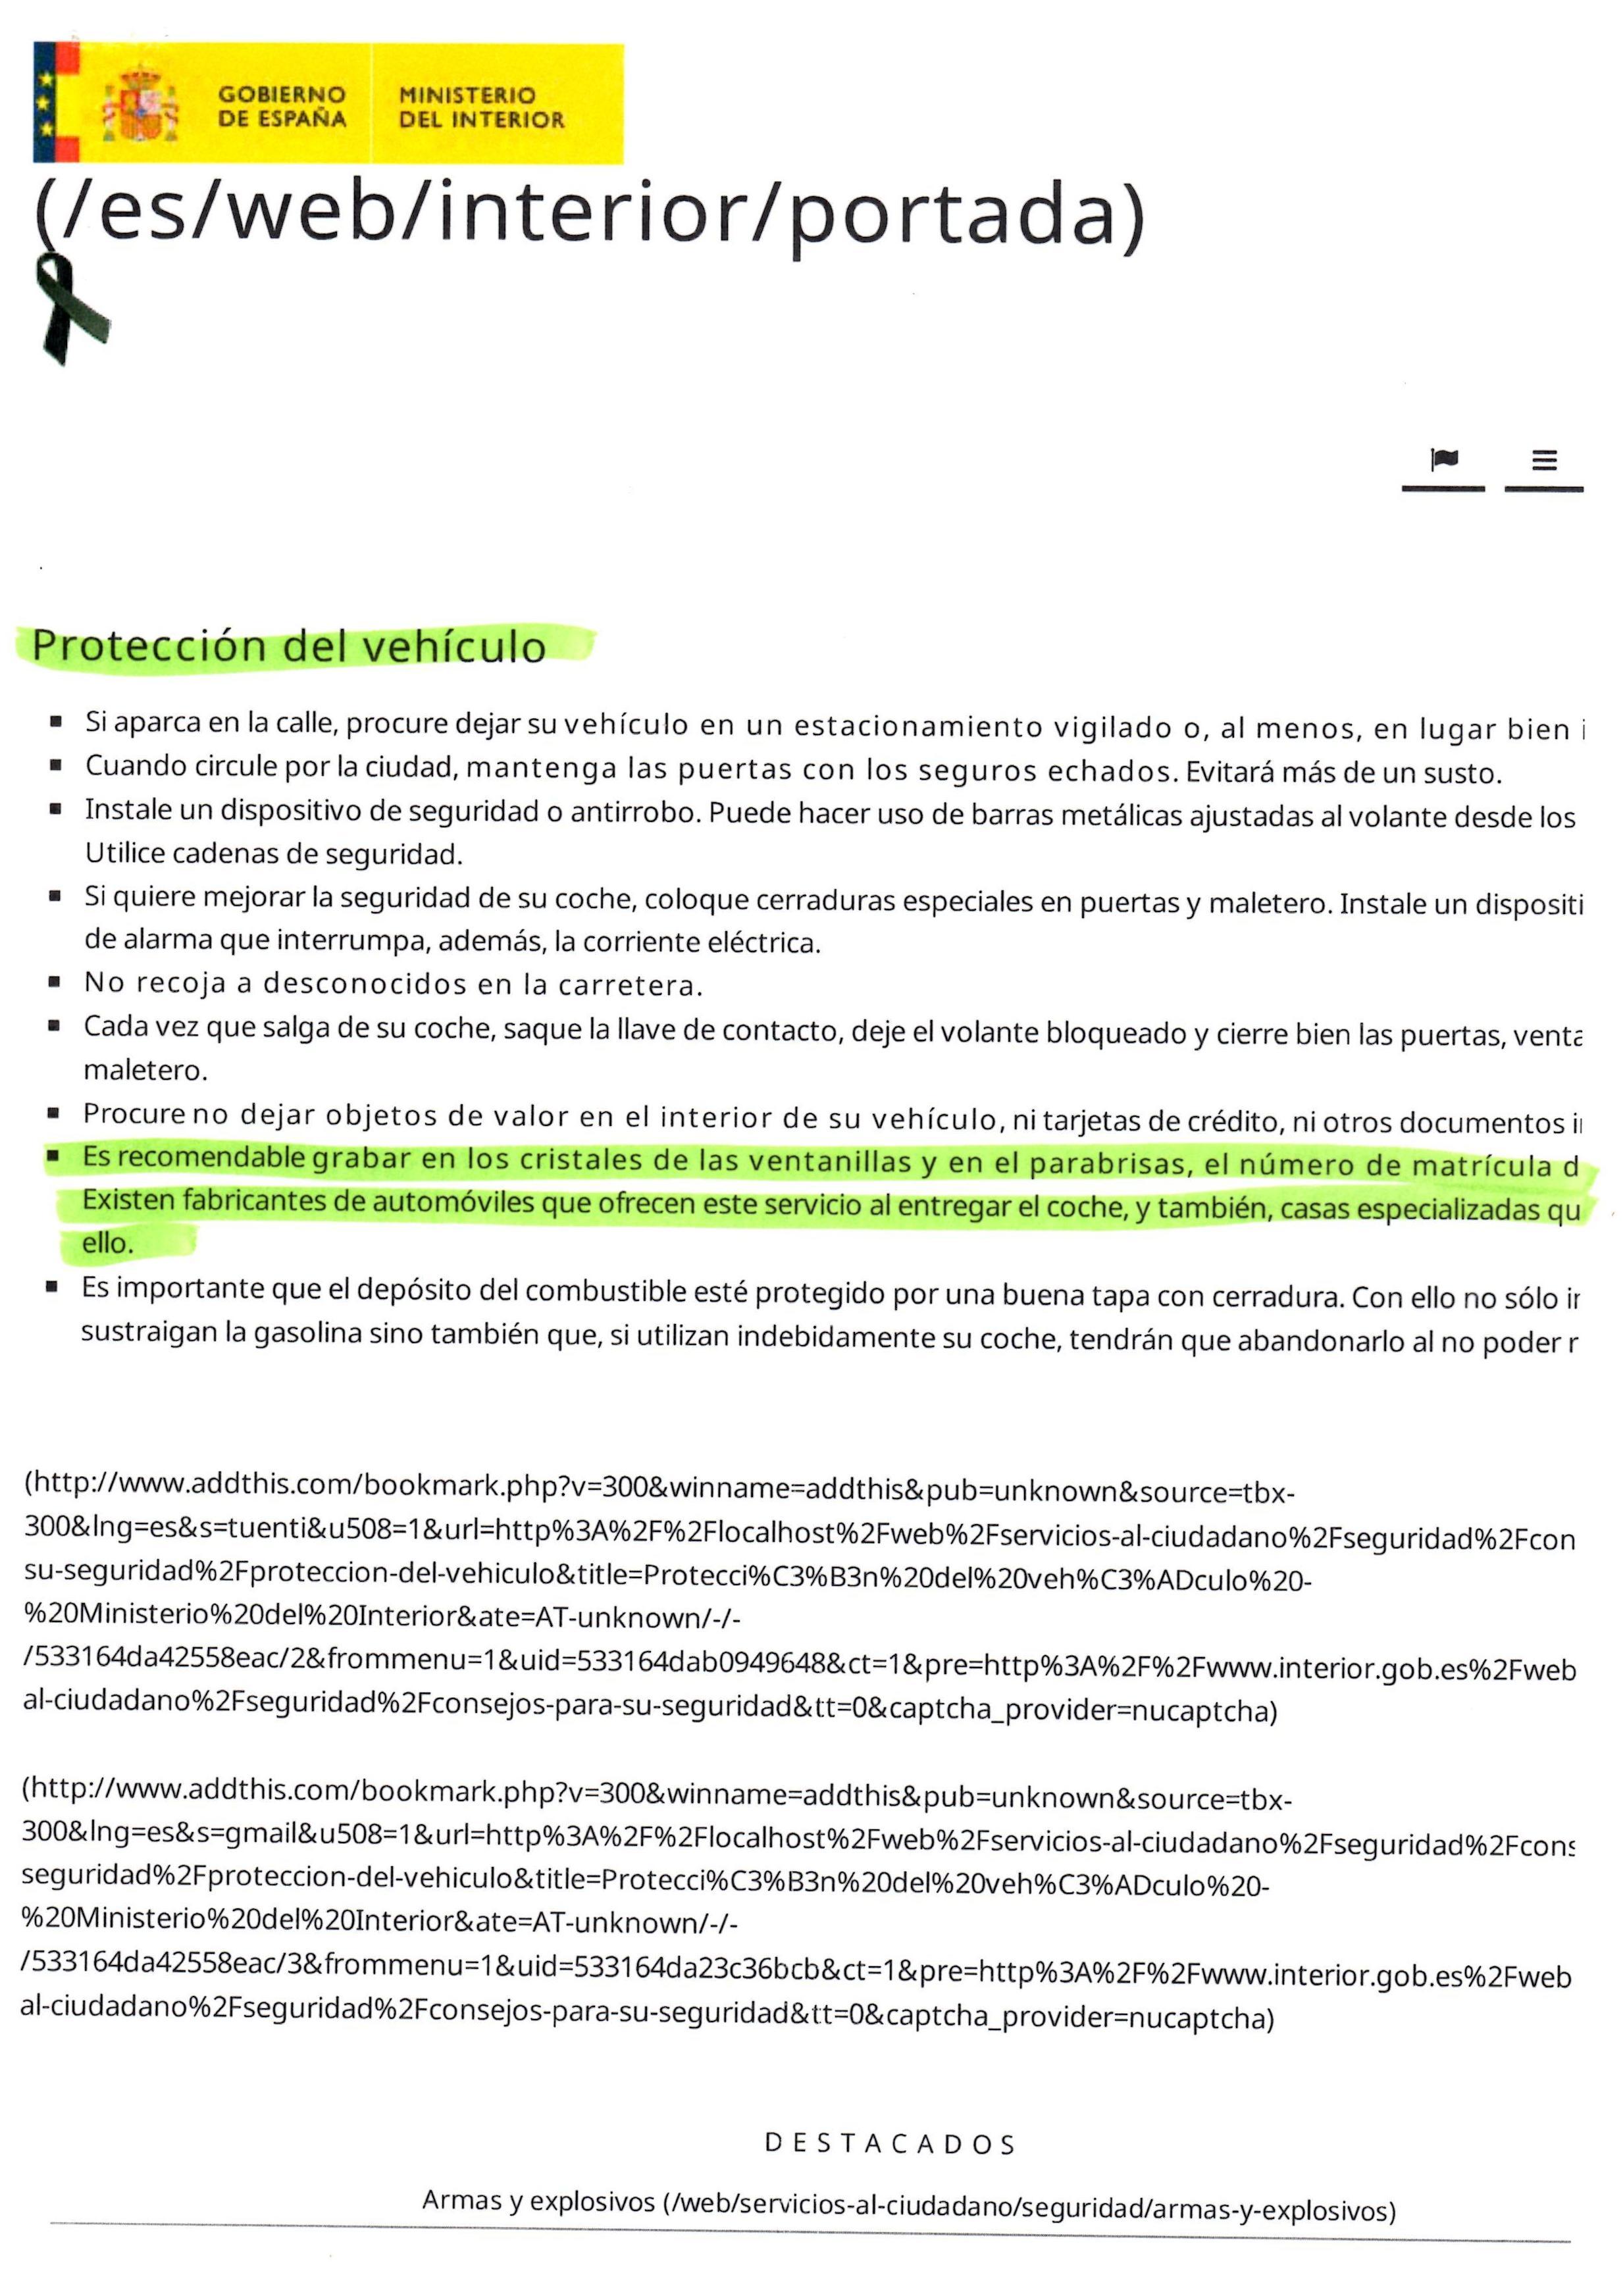 Recomendacion ministerio del interior for Turnos ministerio del interior legalizaciones